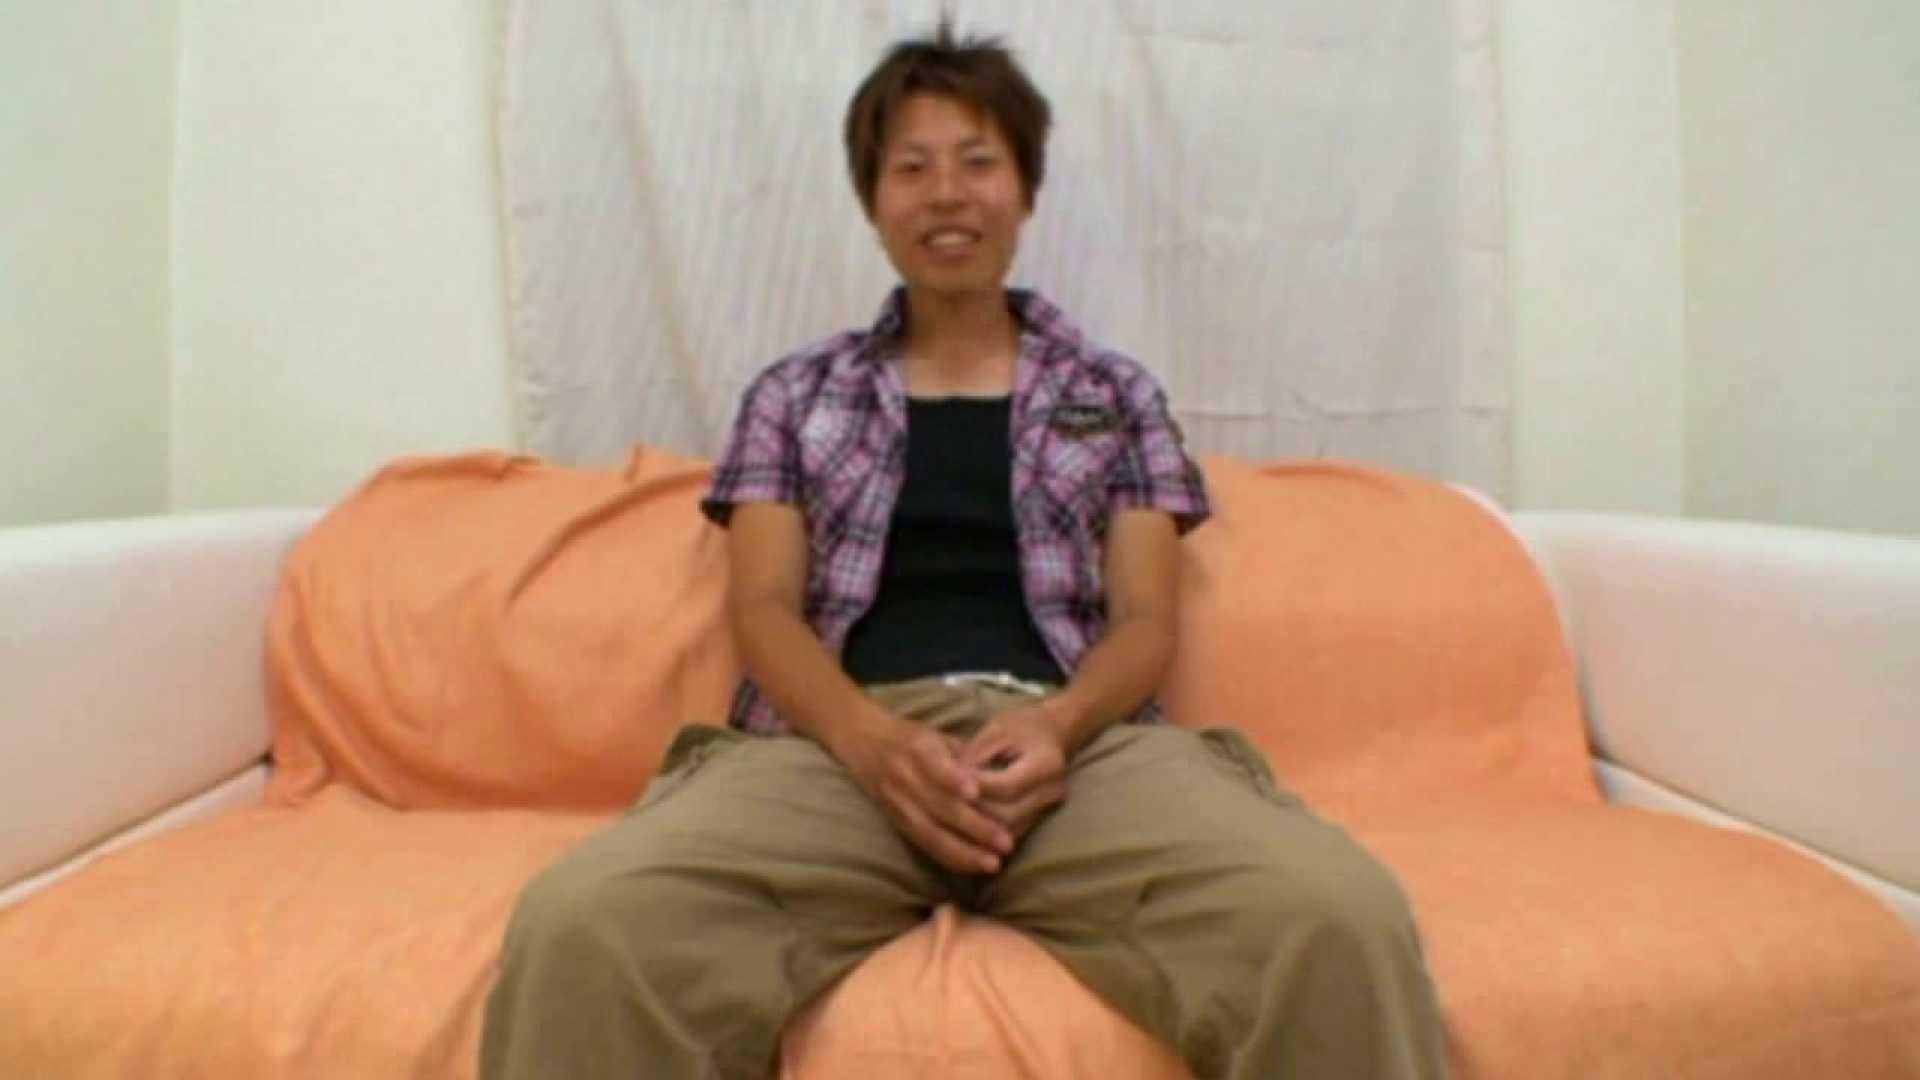 ノンケ!自慰スタジオ No.10 ノンケまつり ゲイ無料エロ画像 103枚 48